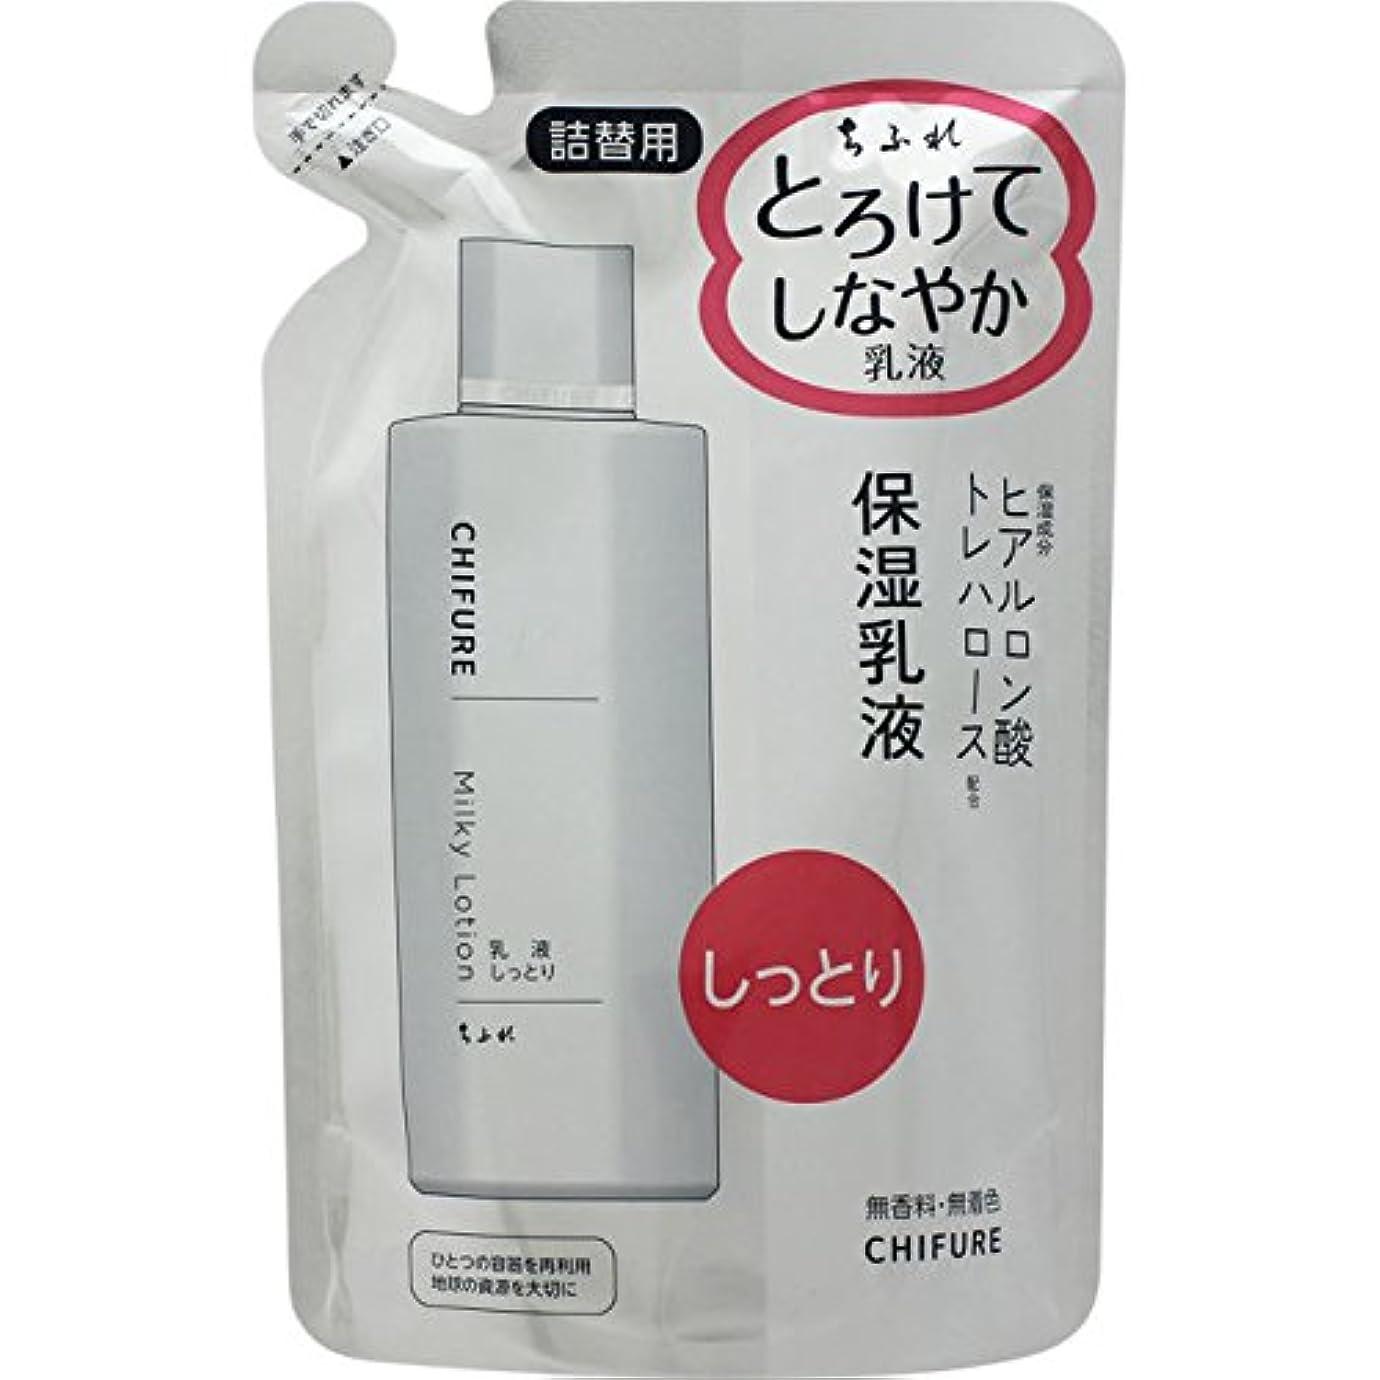 実験室ぬれた判定ちふれ化粧品 乳液しっとりタイプN詰替用 150ml 150ML